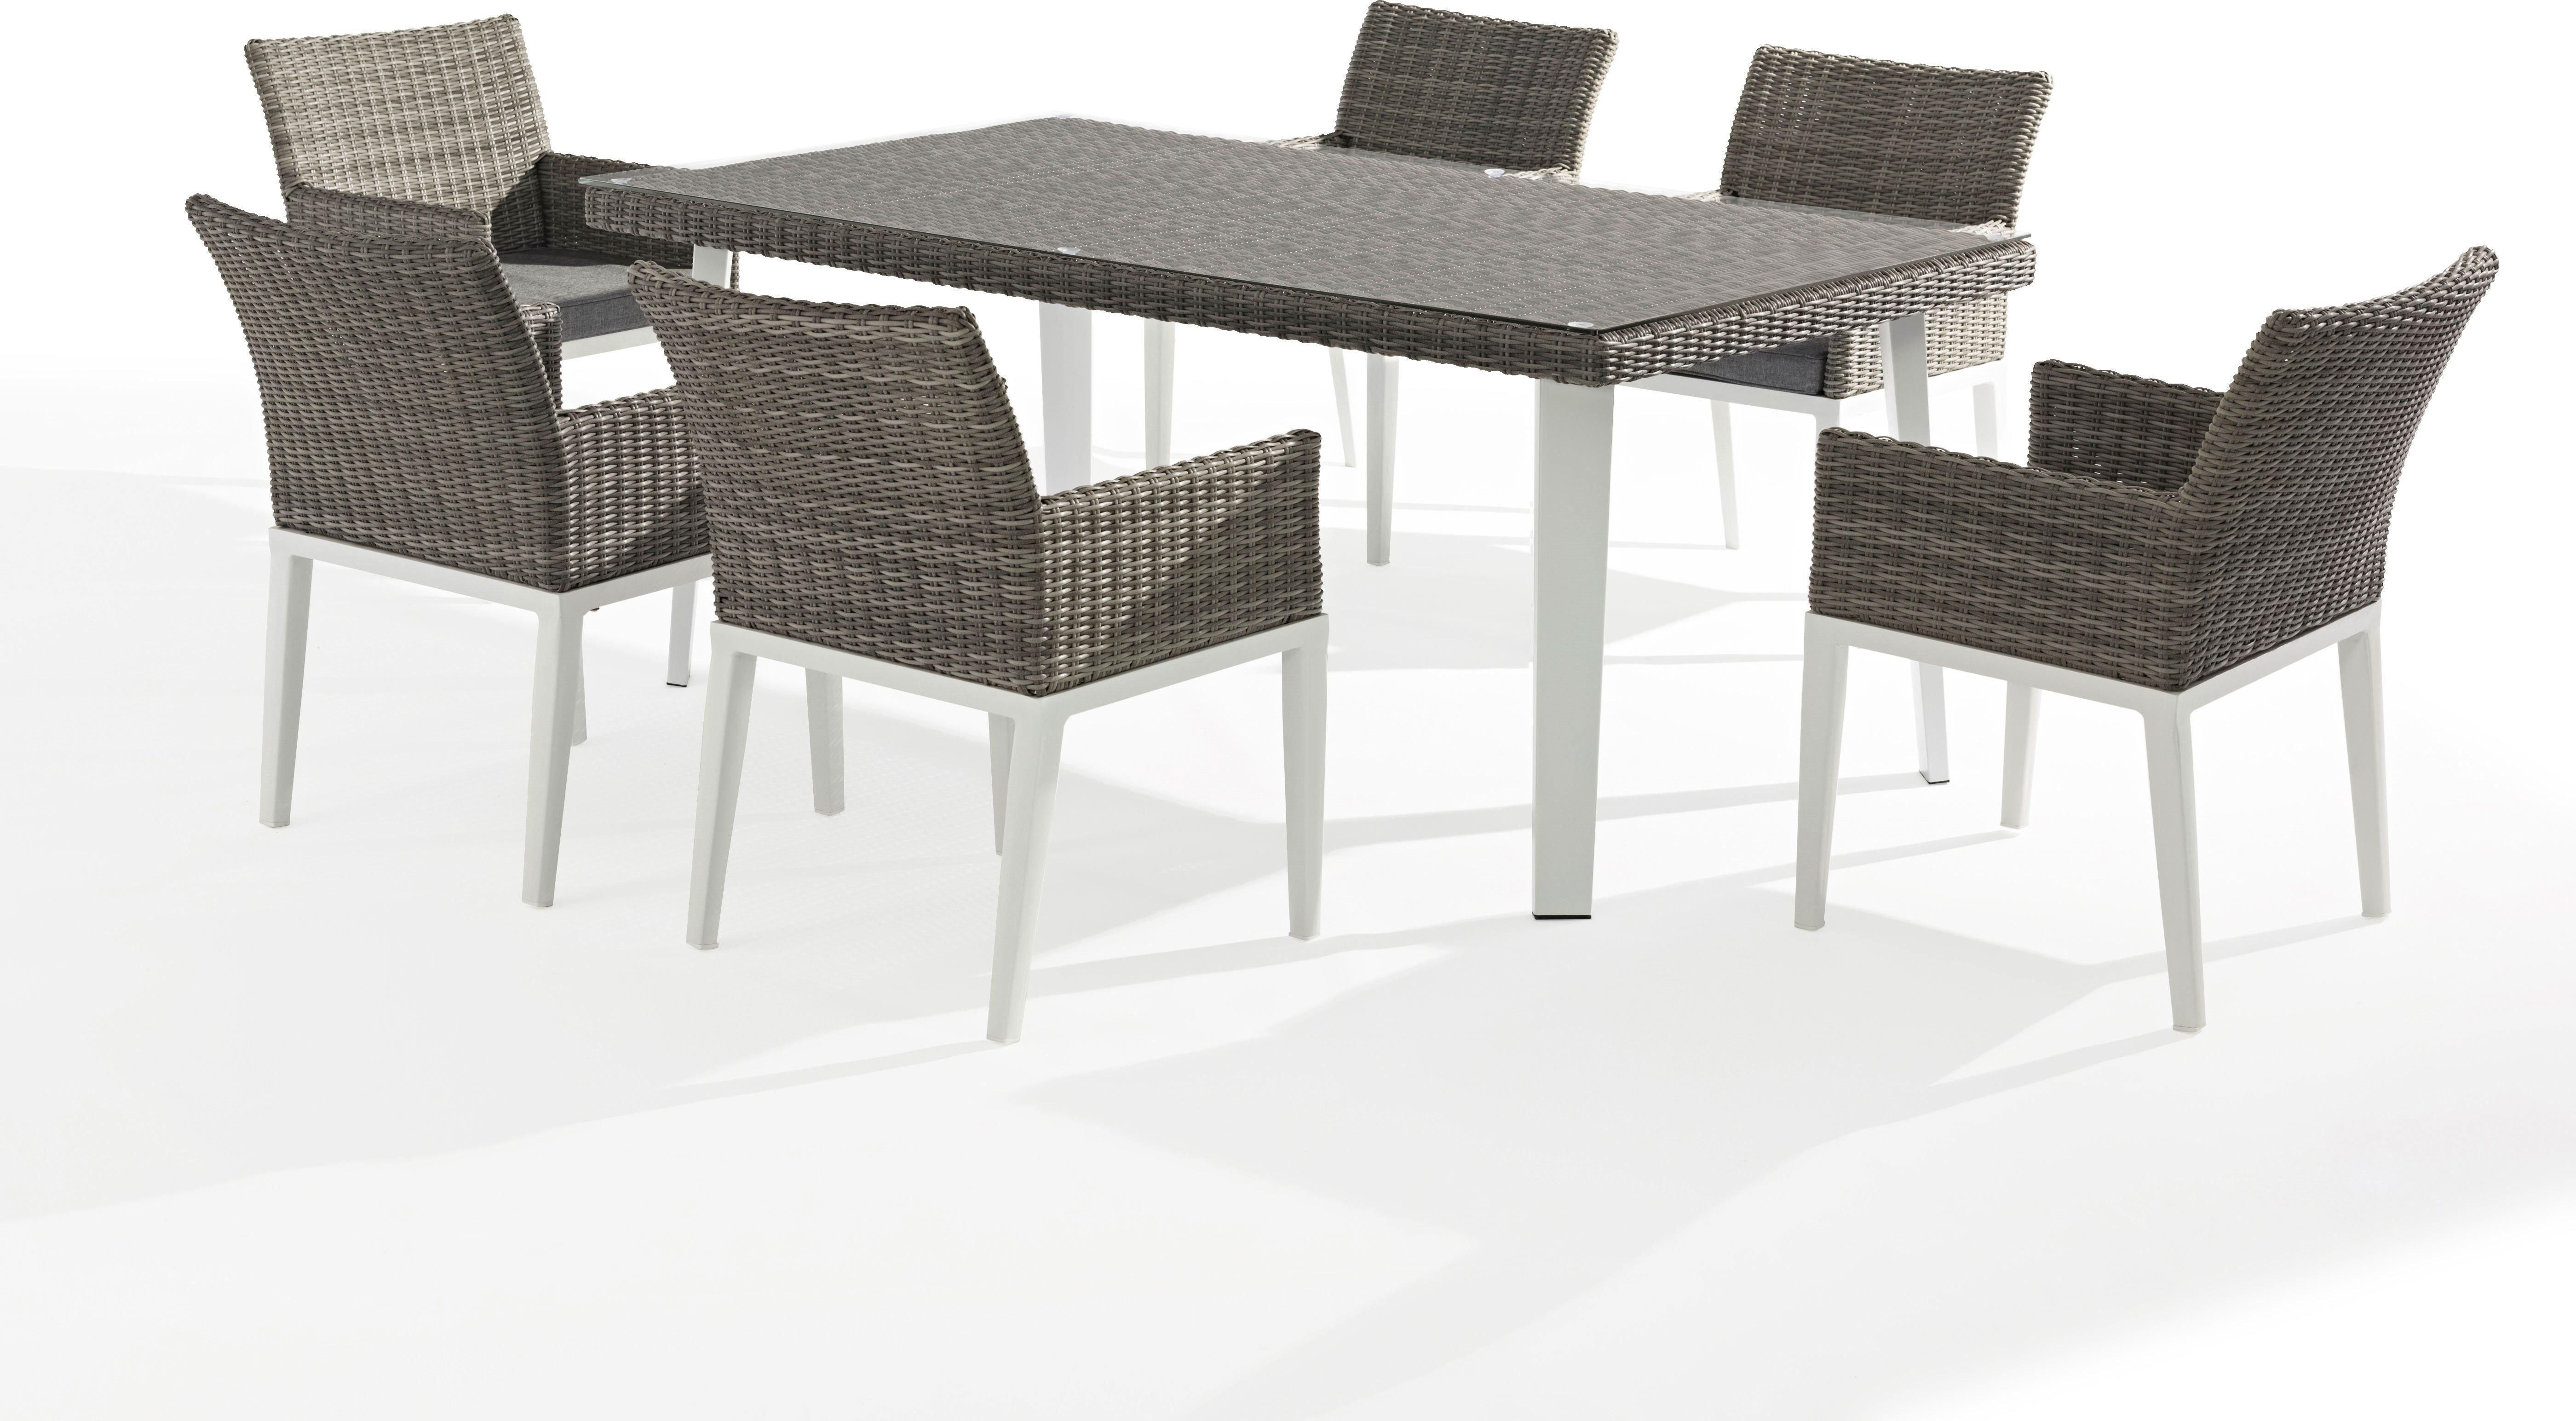 X6 Fauteuils + table de jardin ORLANDO aluminium et résine ...